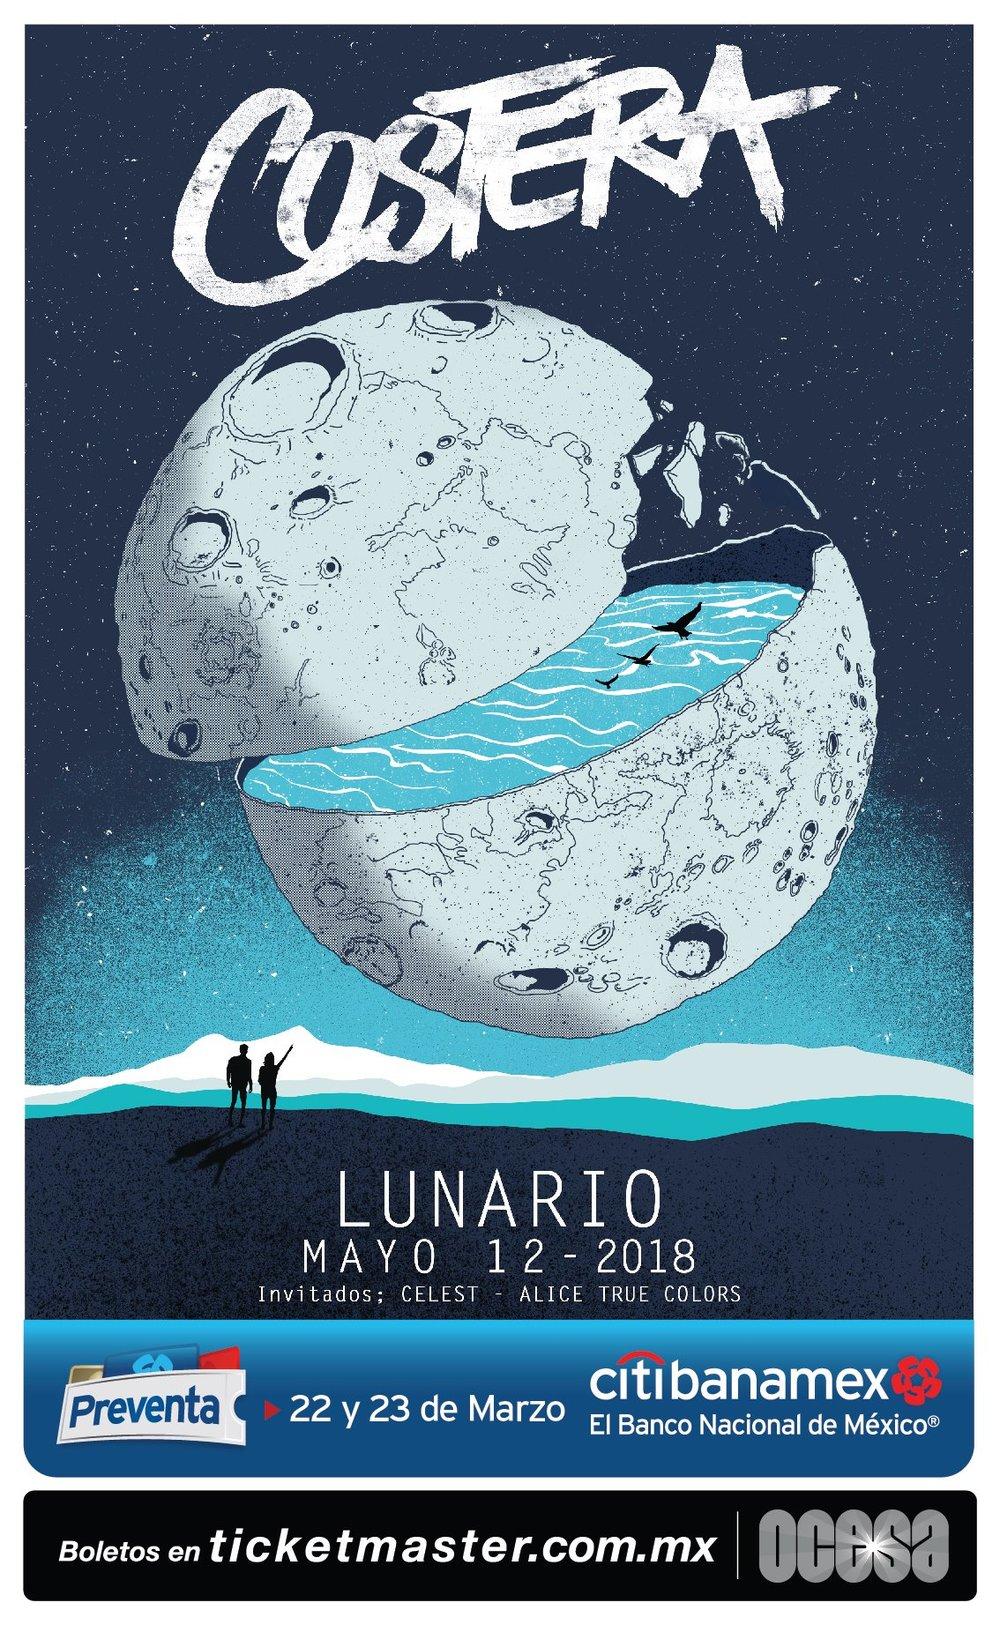 costera-lunario-del-auditorio-nacional.jpg